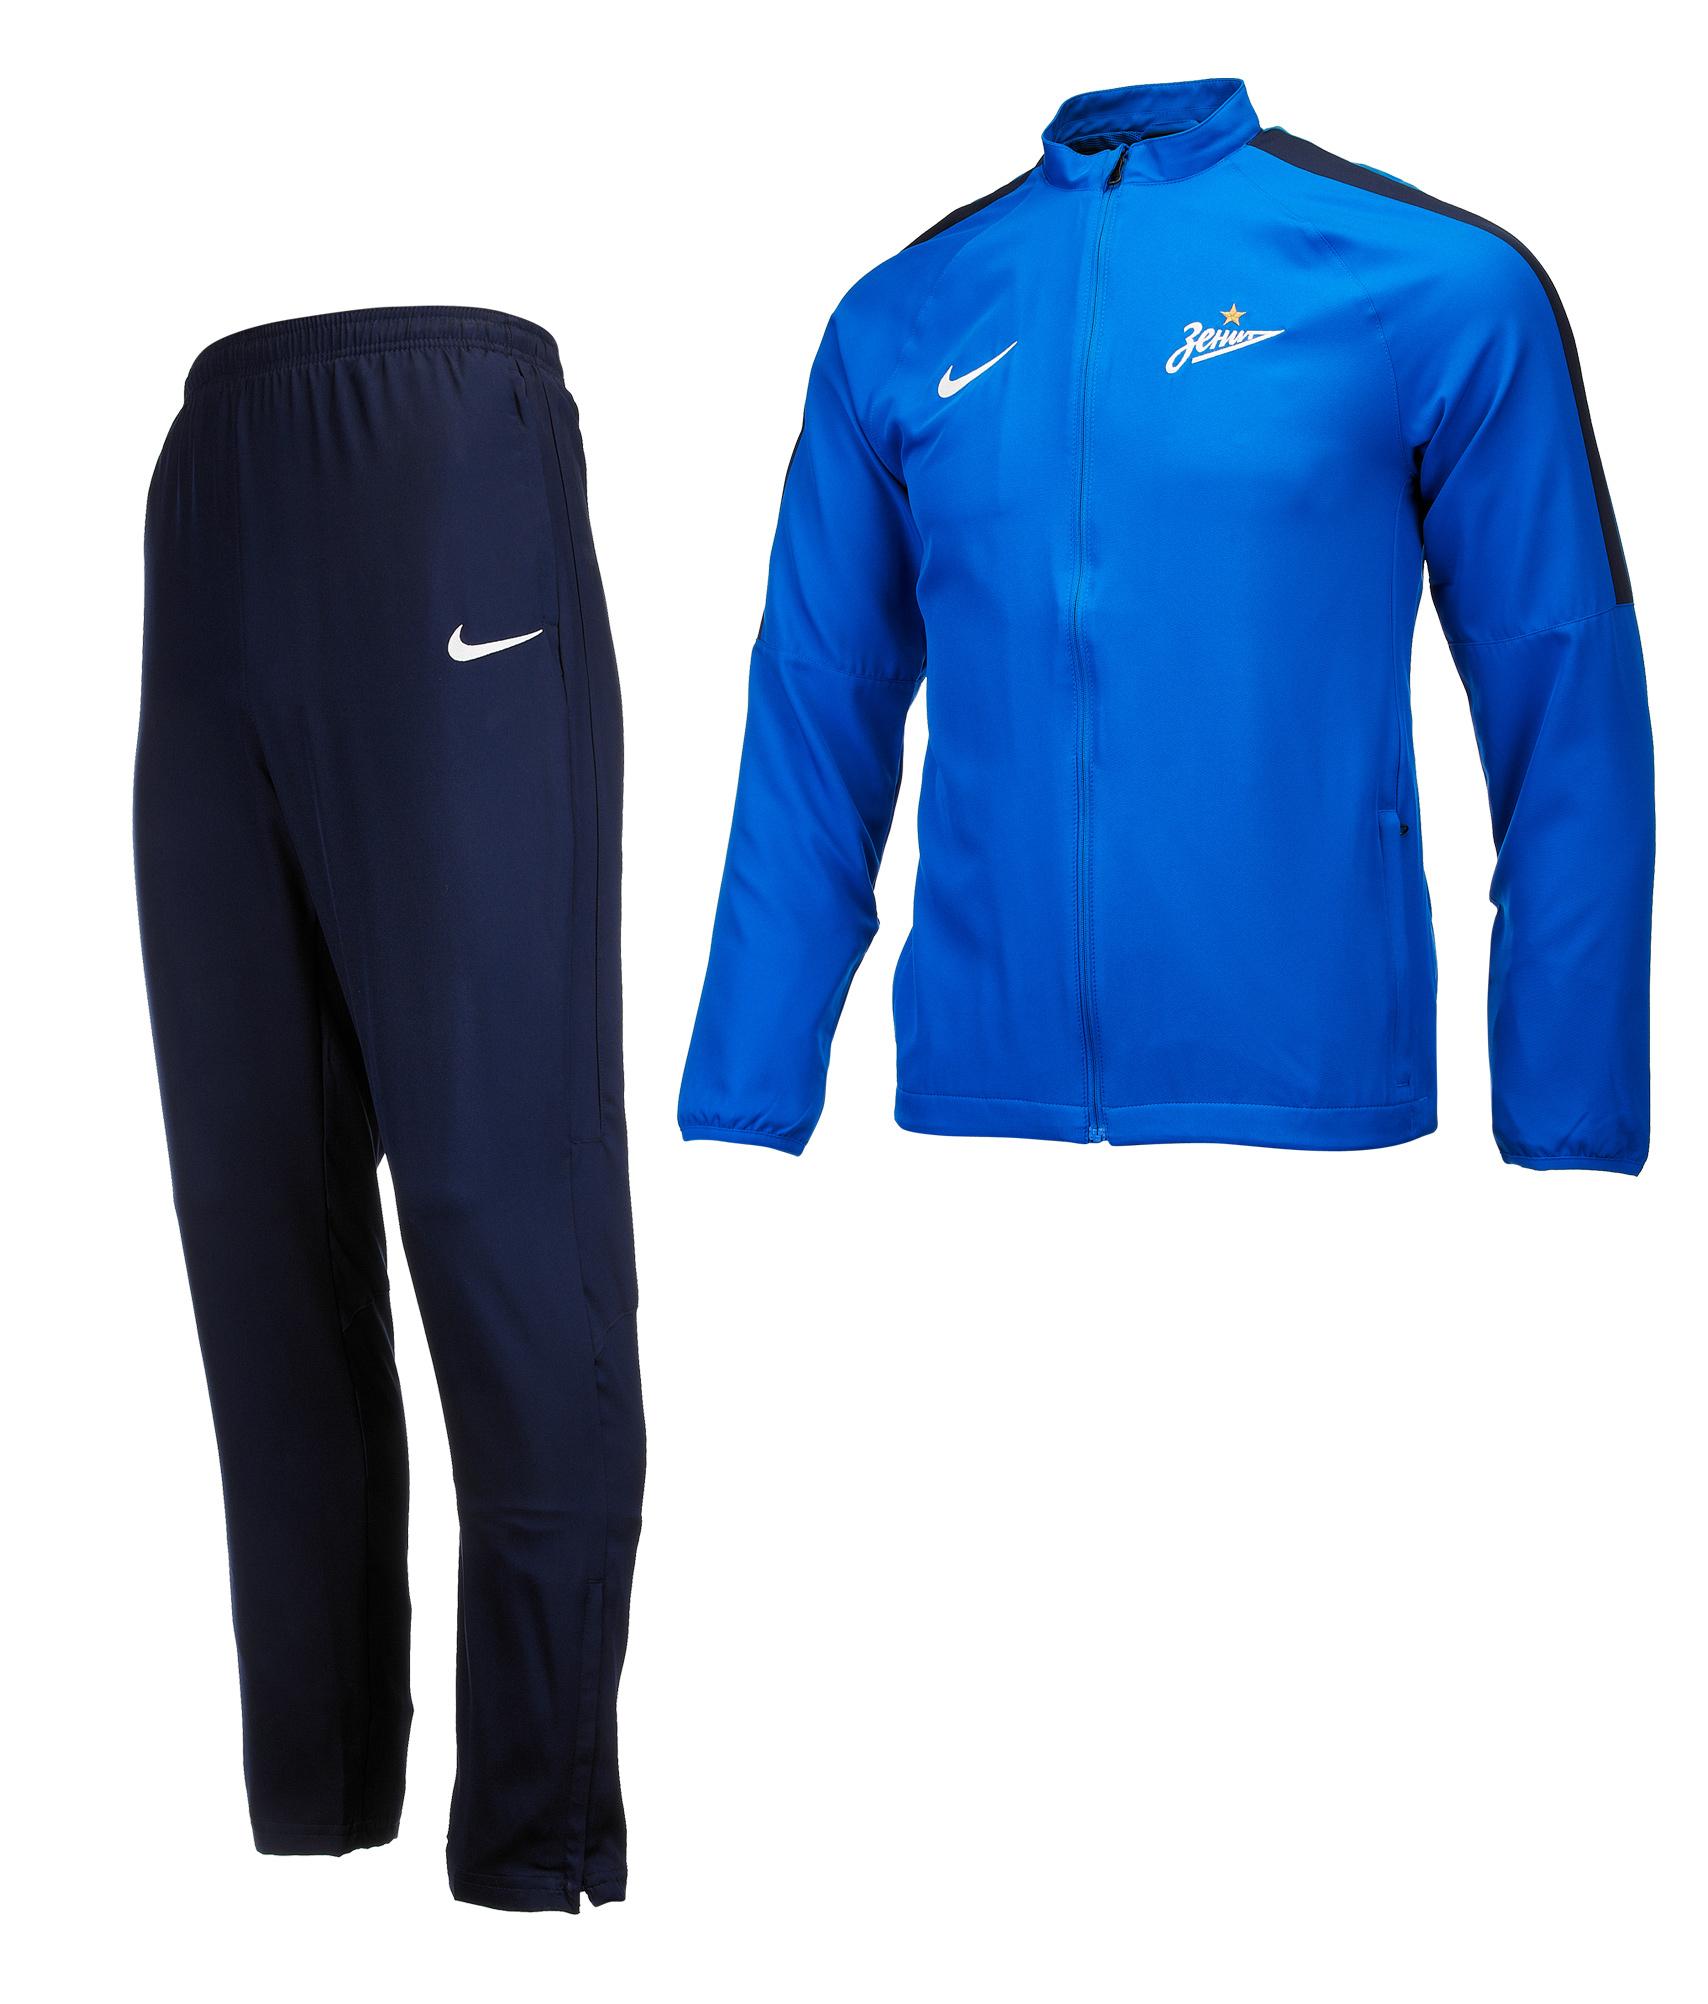 Костюм спортивный подростковый Nike Nike Цвет-Синий